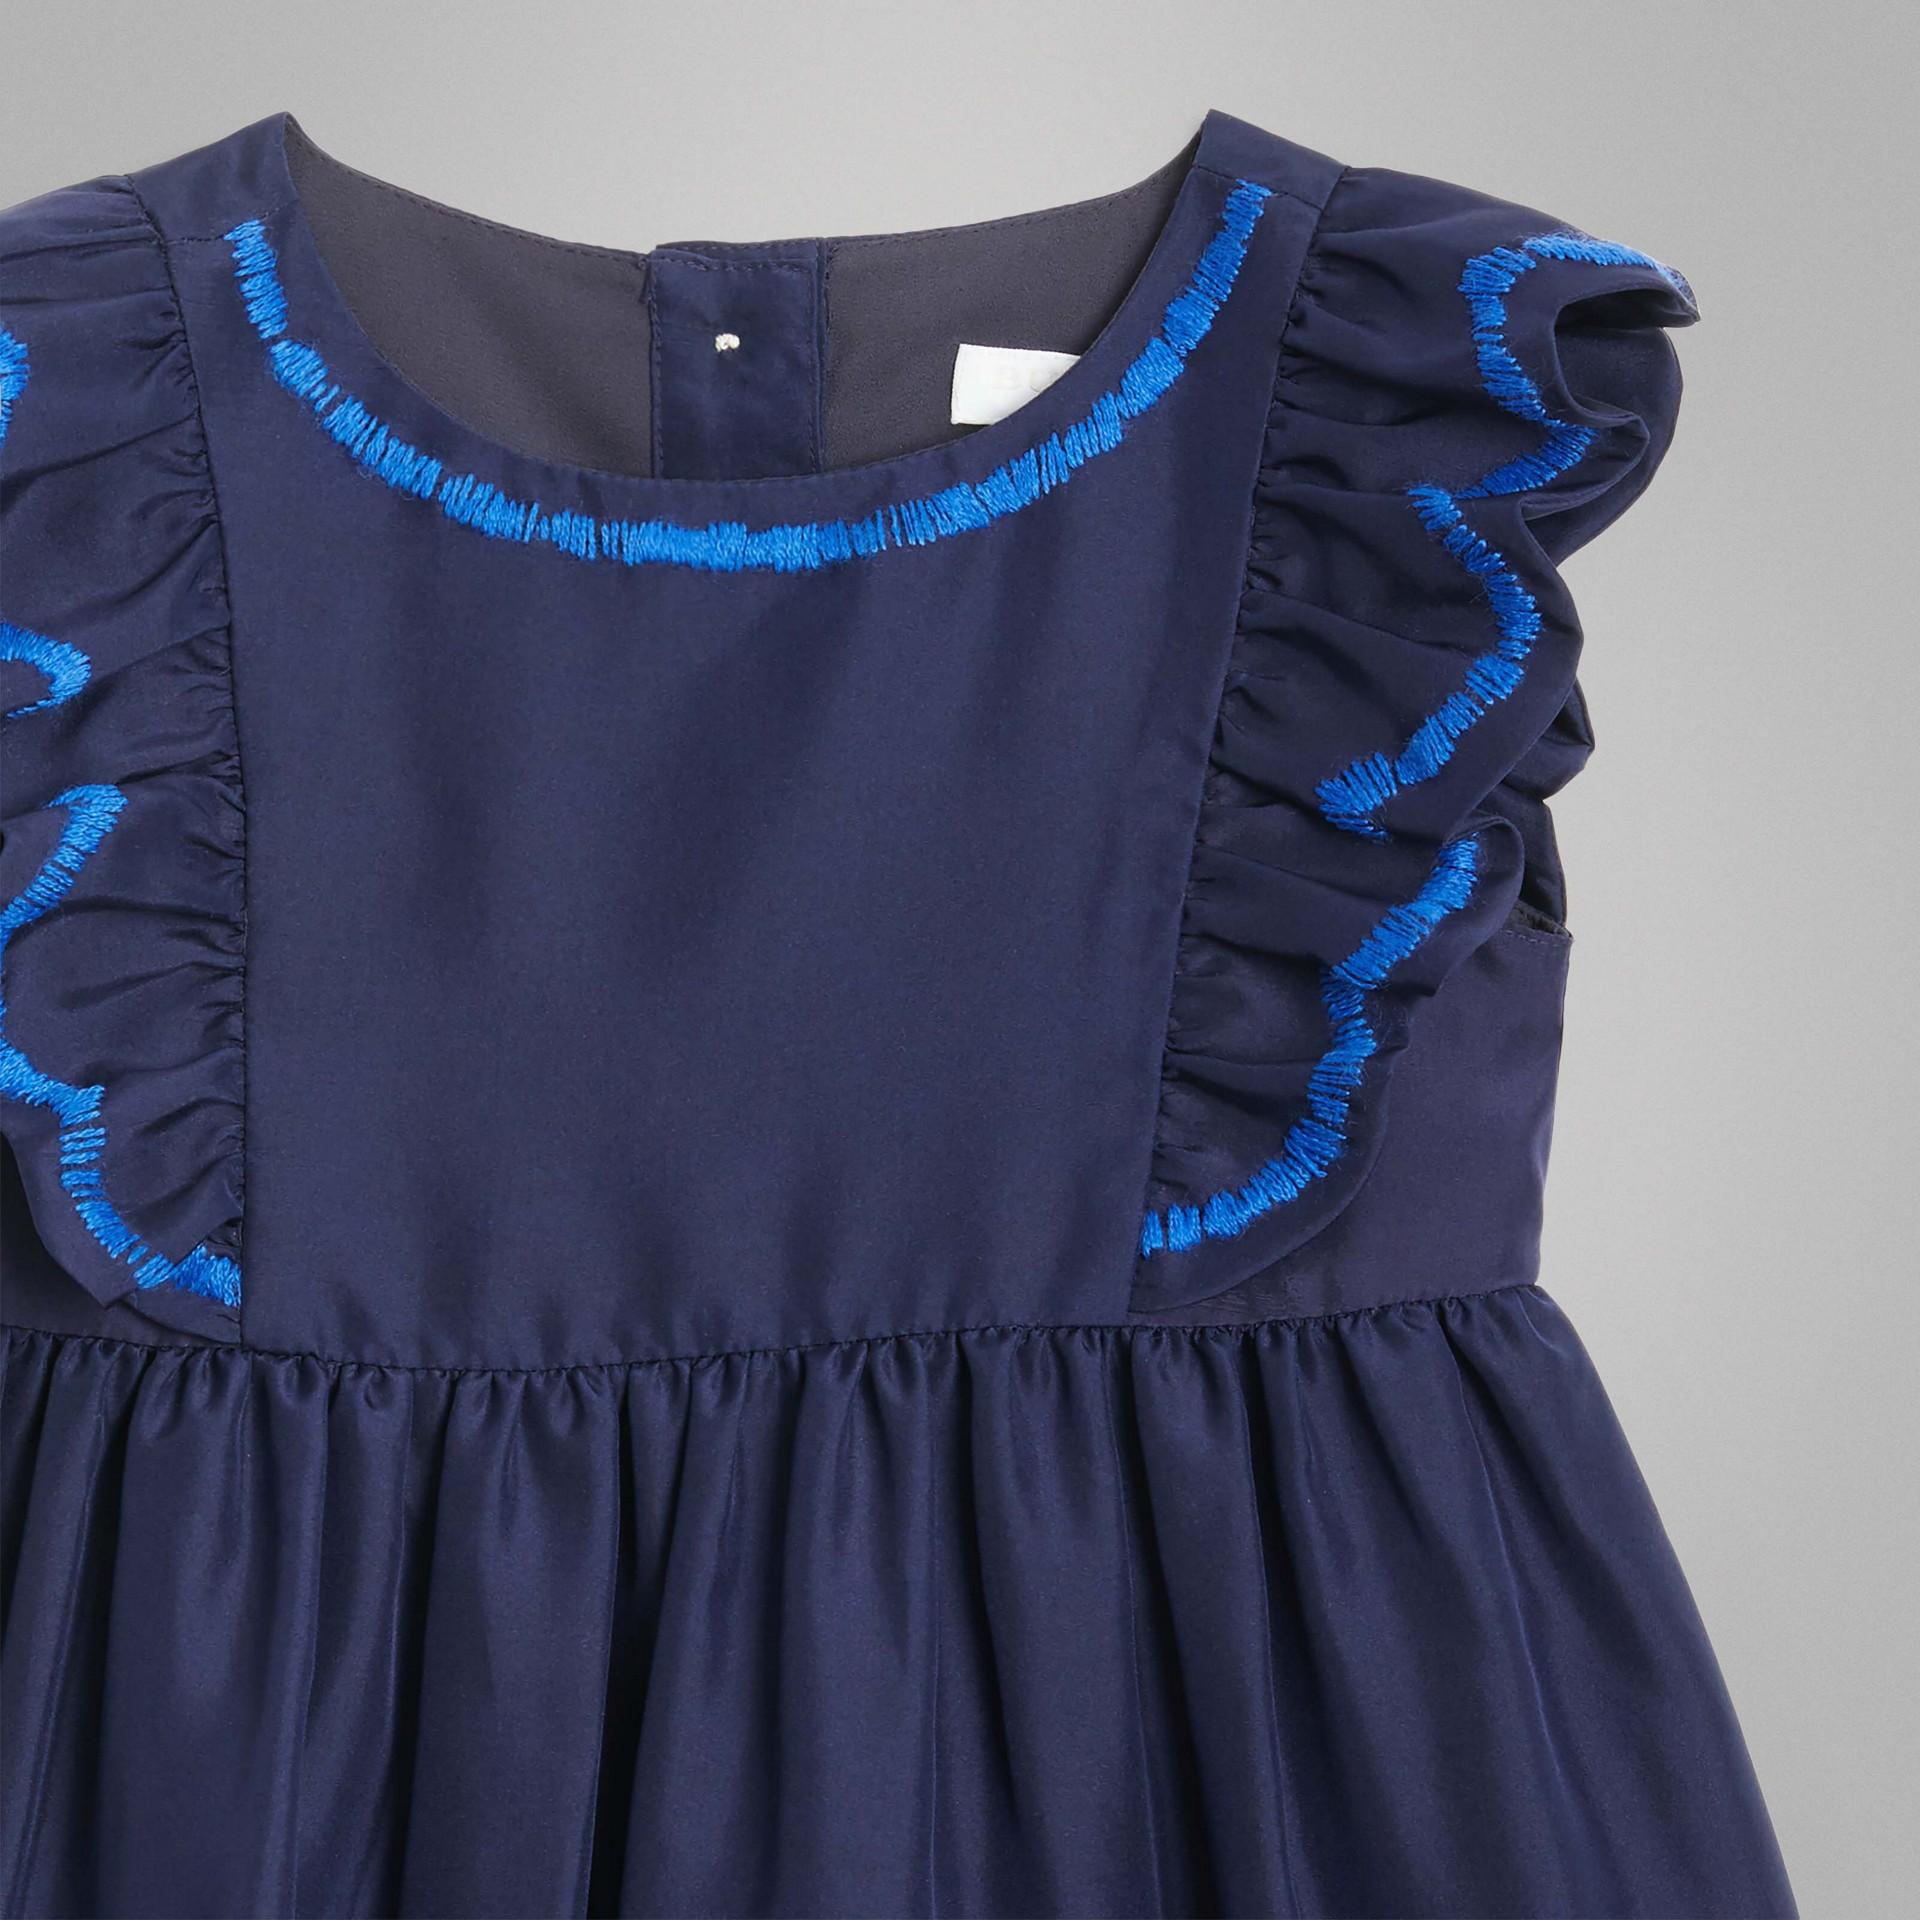 Vestitino in seta ricamato con dettaglio arricciato e pantaloncini bloomer (Navy) - Bambino | Burberry - immagine della galleria 5